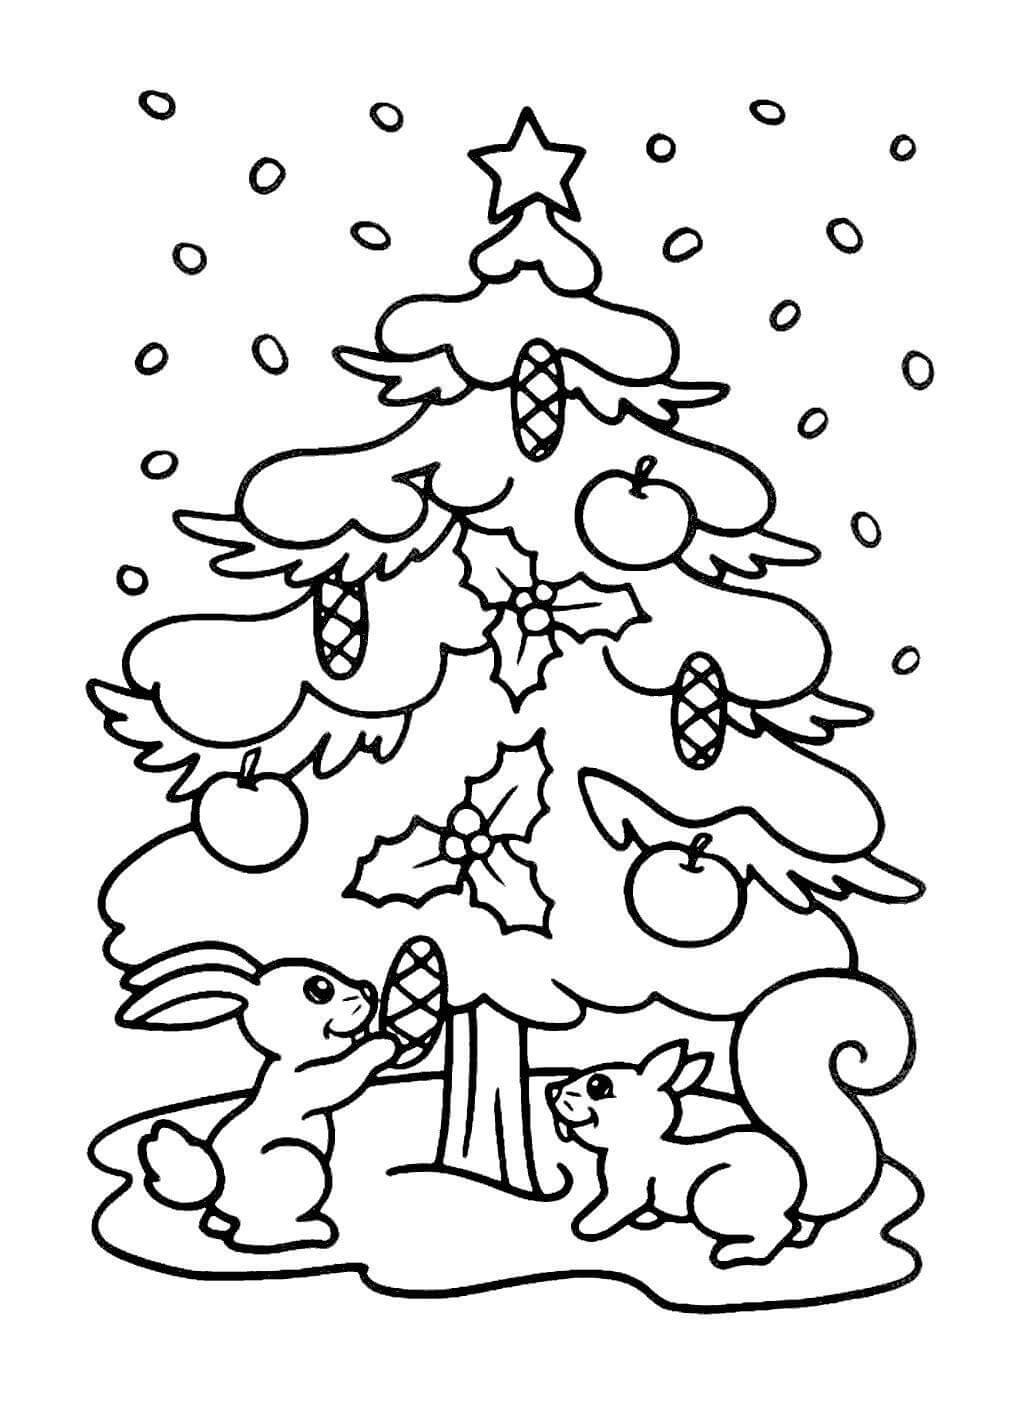 Картинки и рисунки новогодней елки для детей - подборка 11